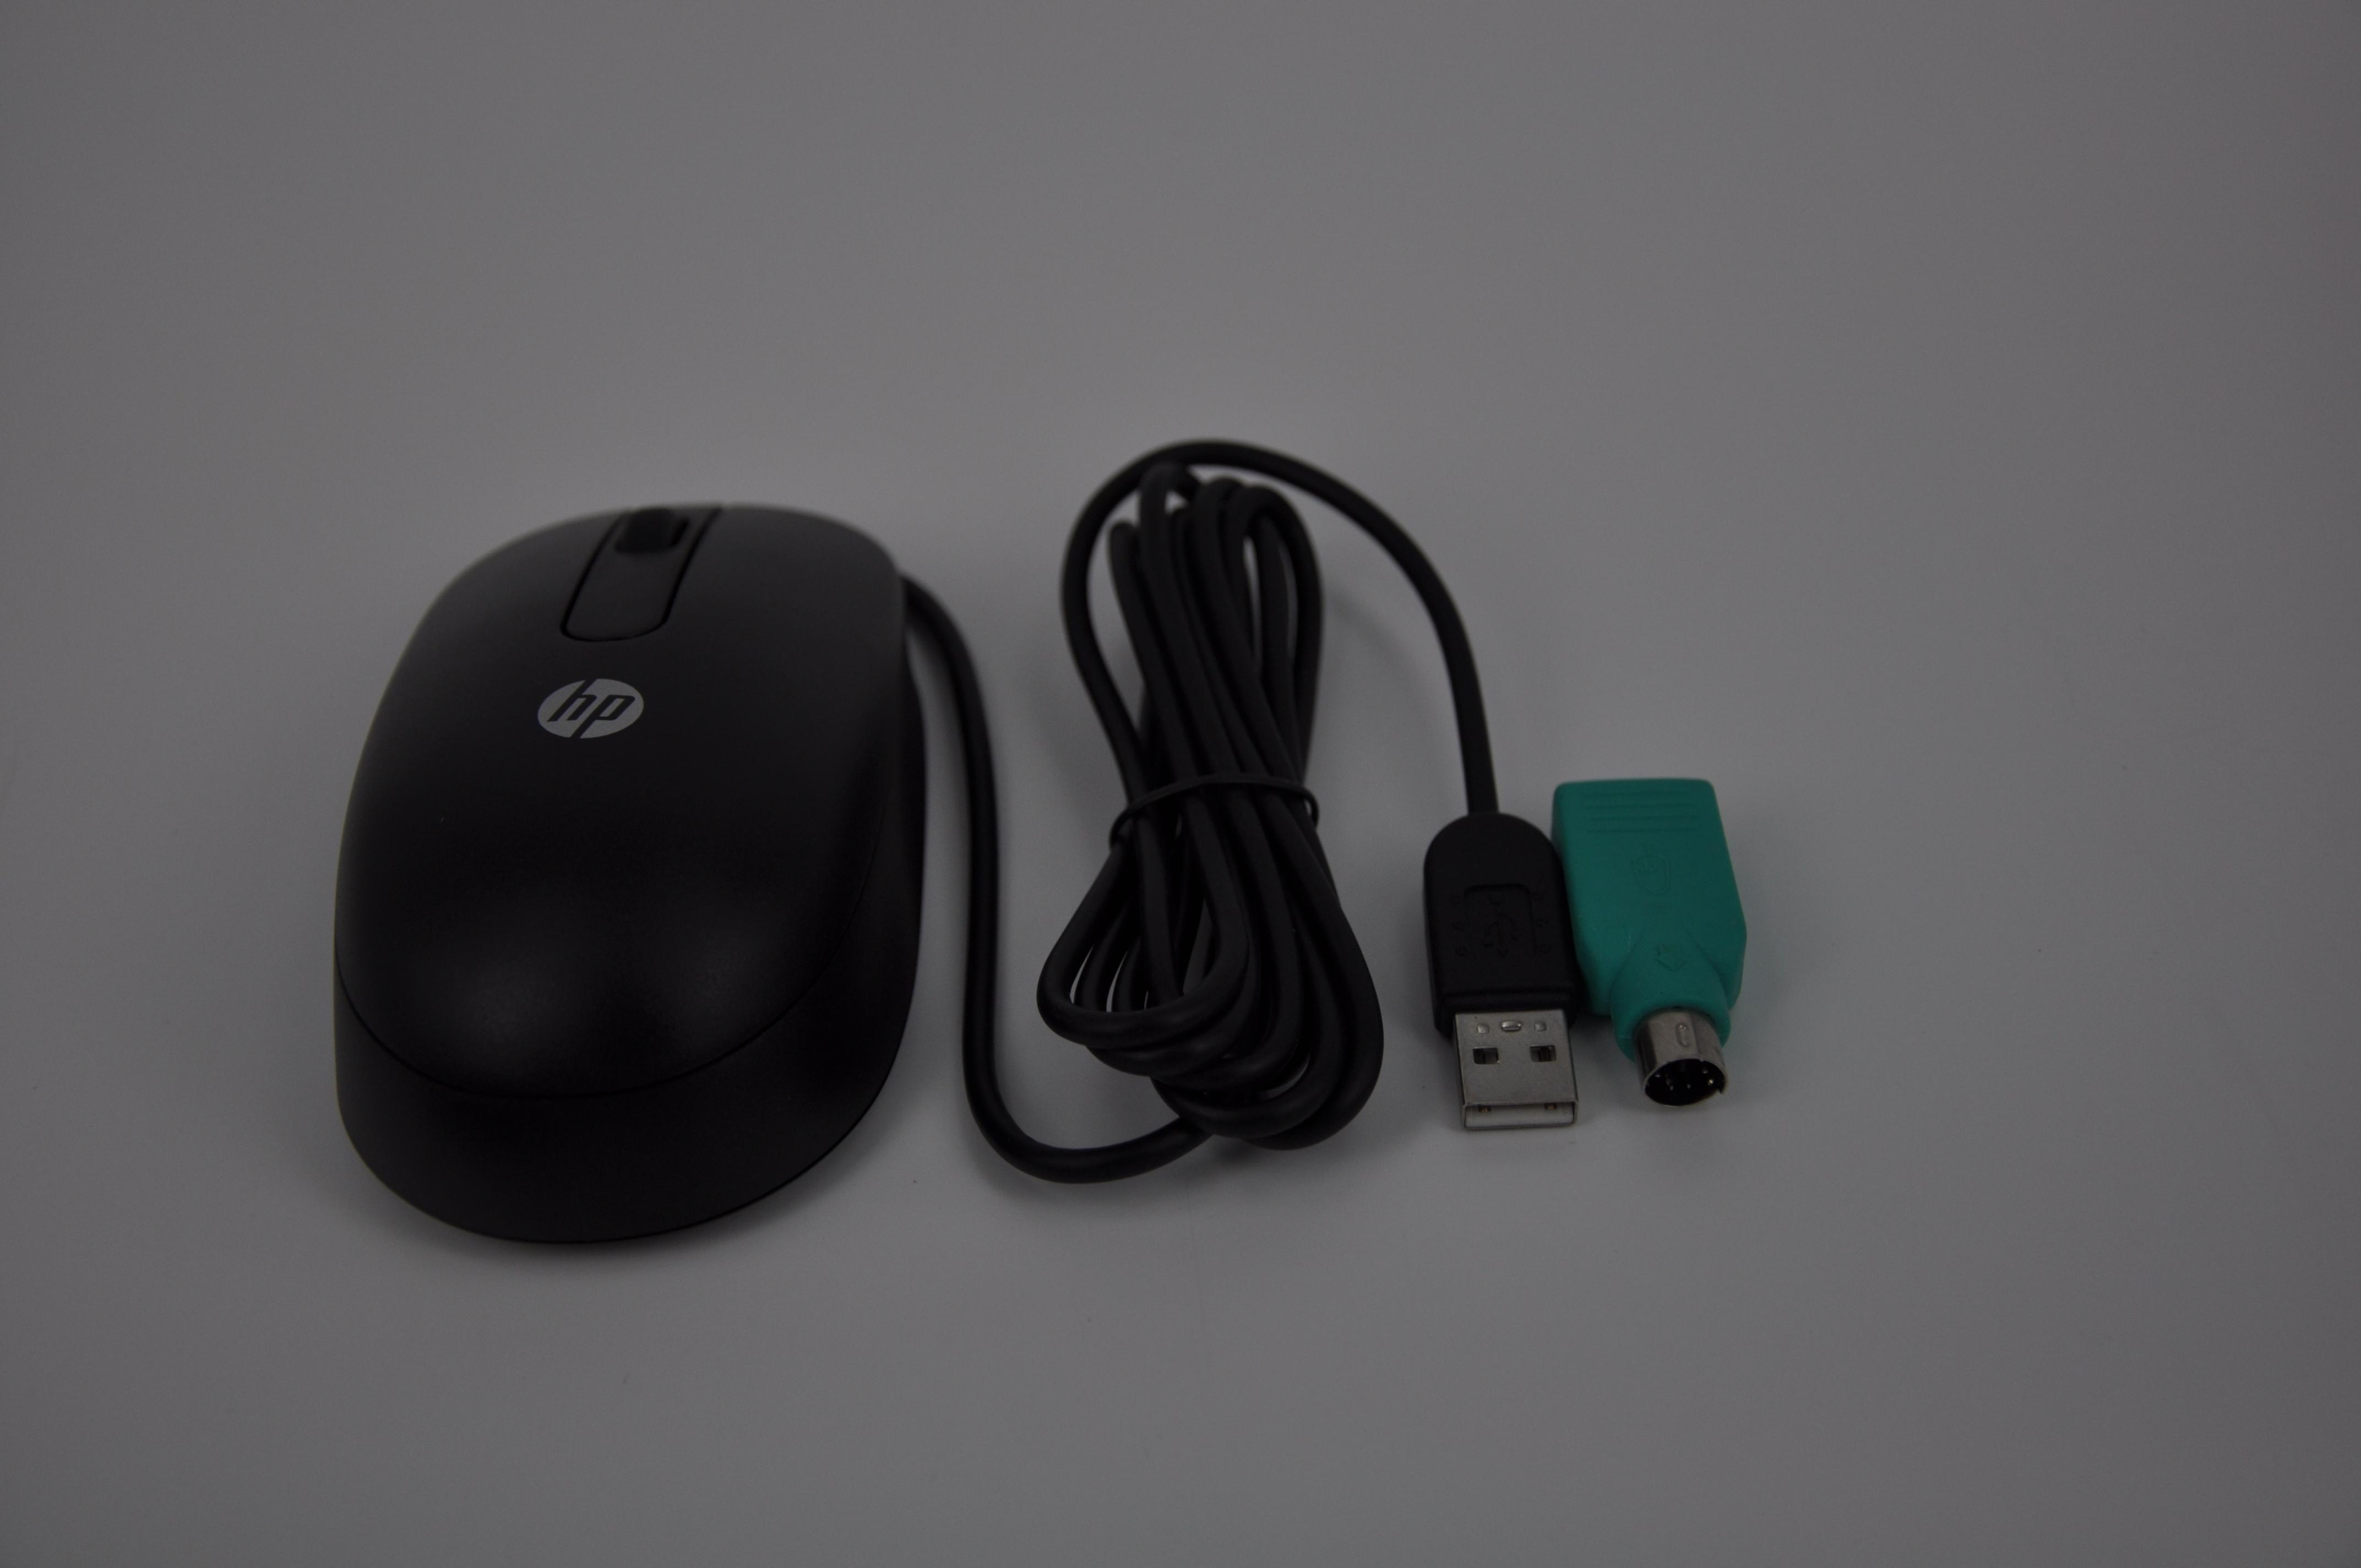 包邮 USB 惠普有线鼠标台式笔记本电脑通用游戏办公家用商务外接 HP